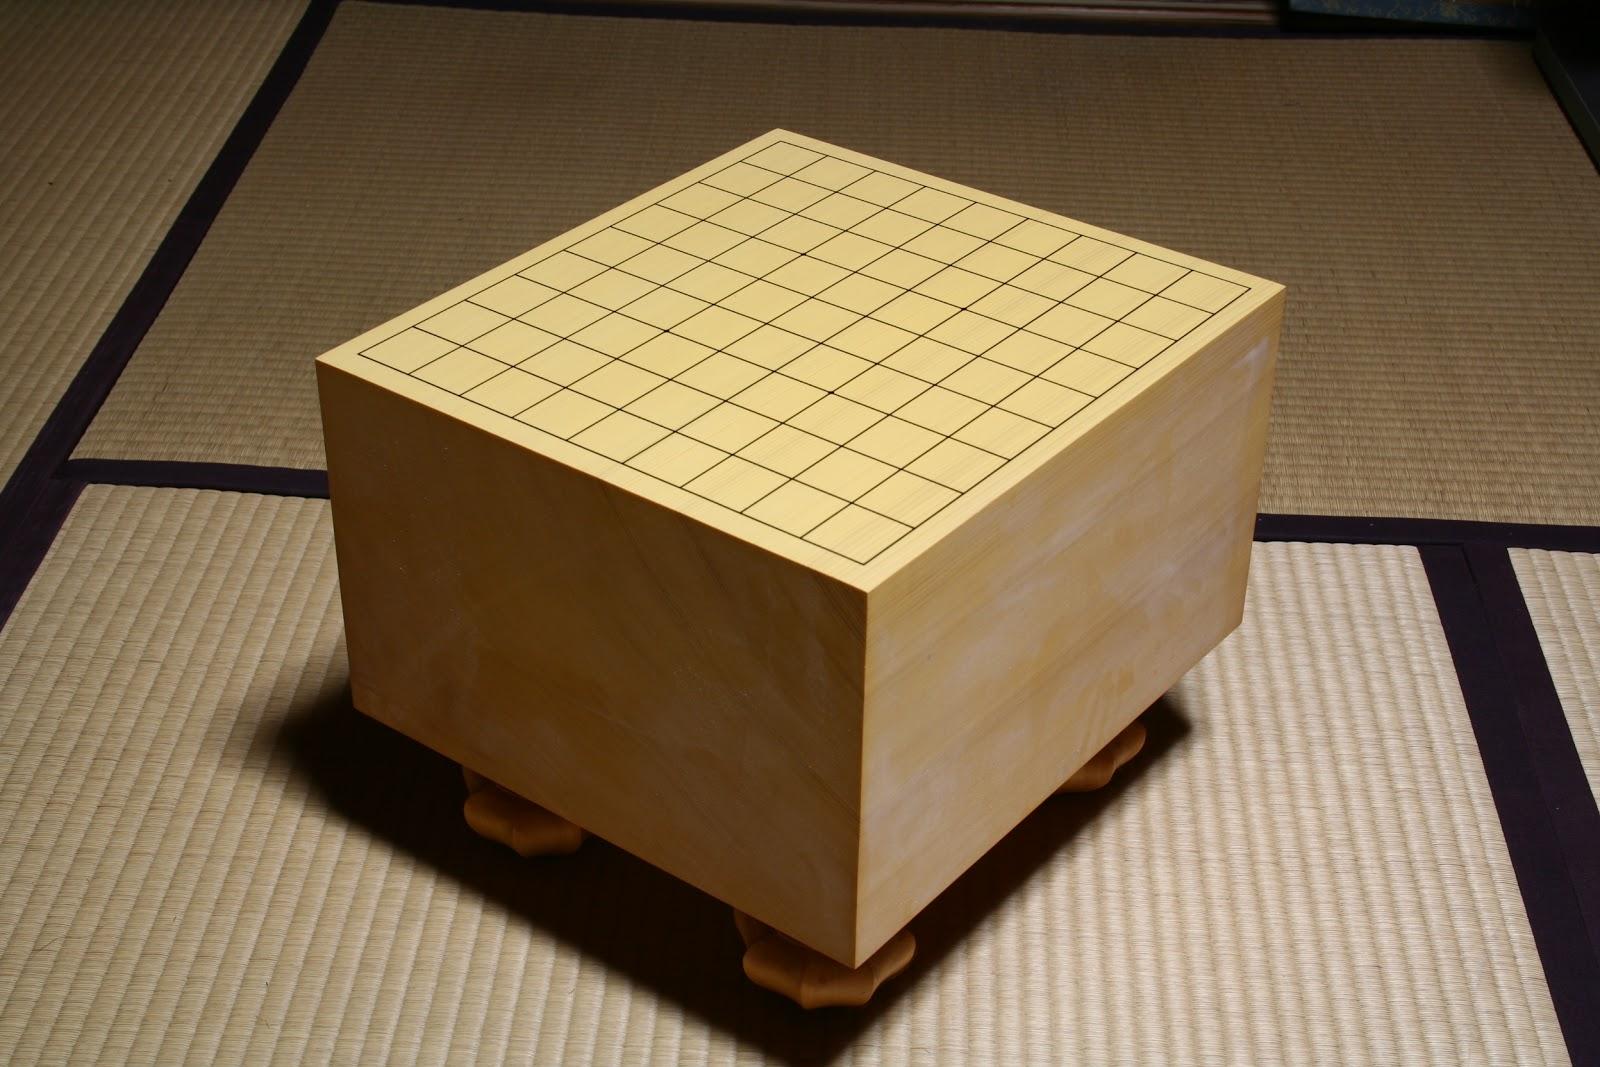 畳に置かれた将棋盤